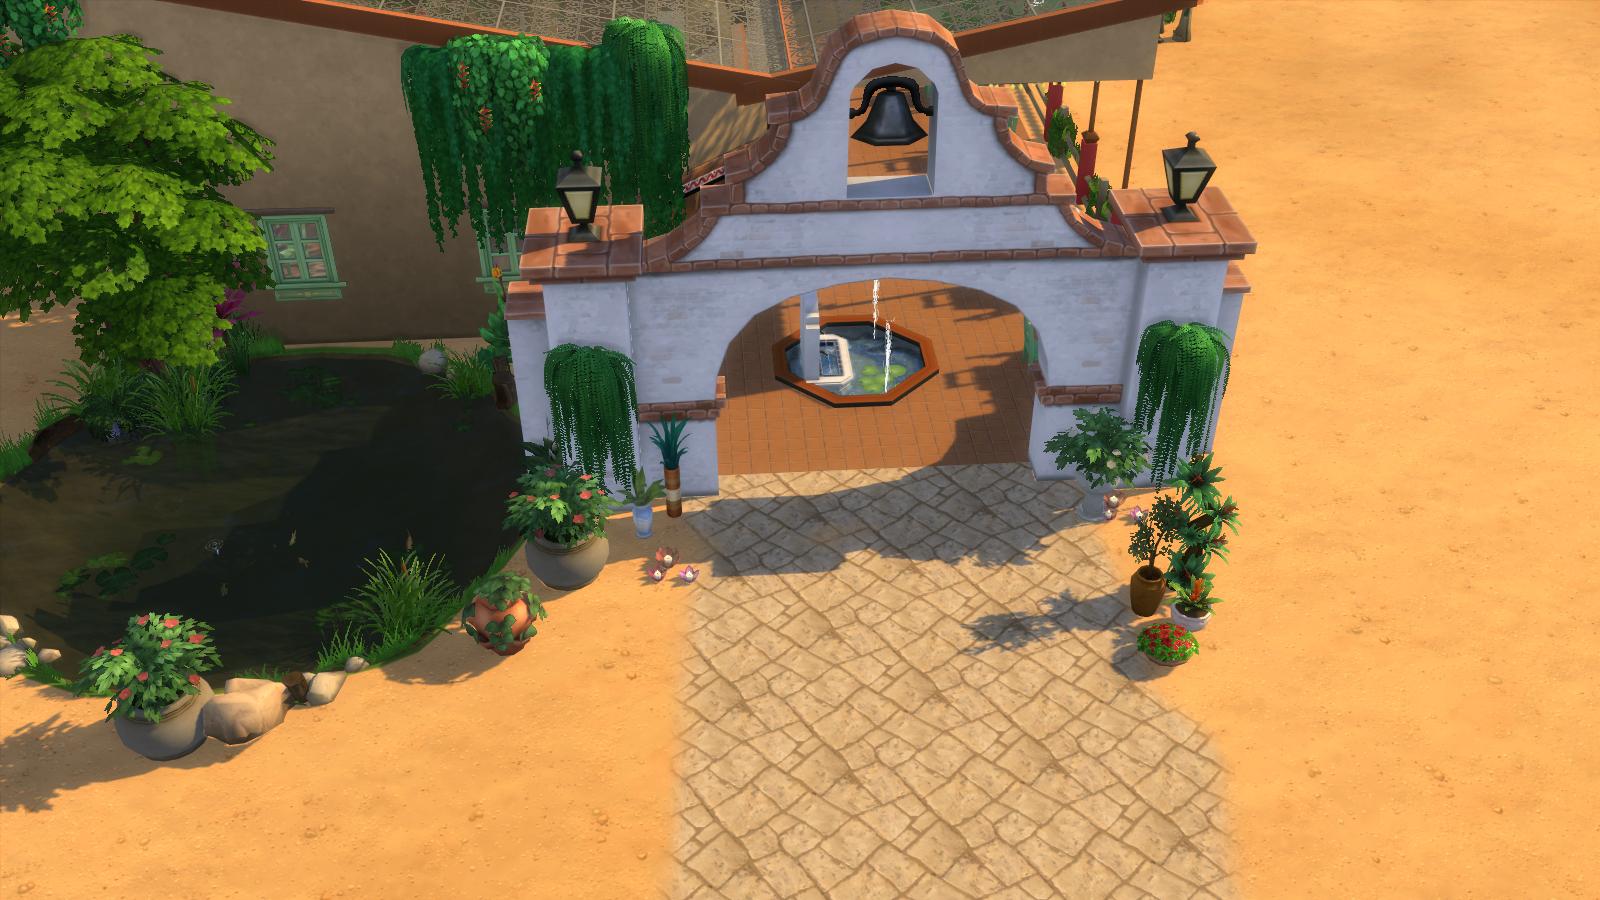 El Tapatio  Restaurant Sims 4